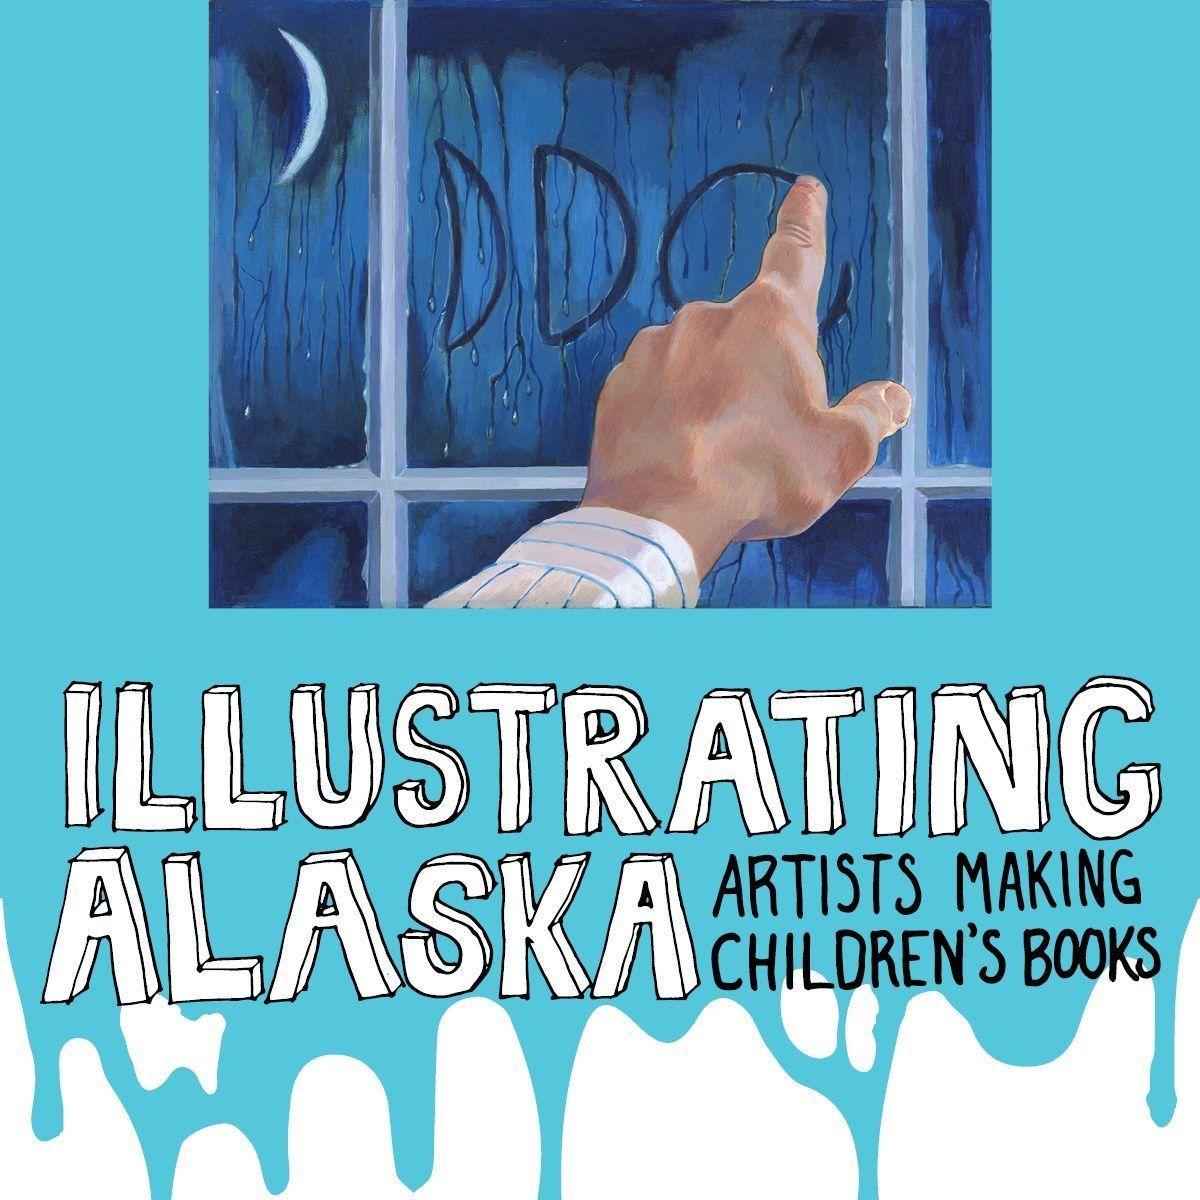 Illustrating Alaska: Artists Making Children's Books